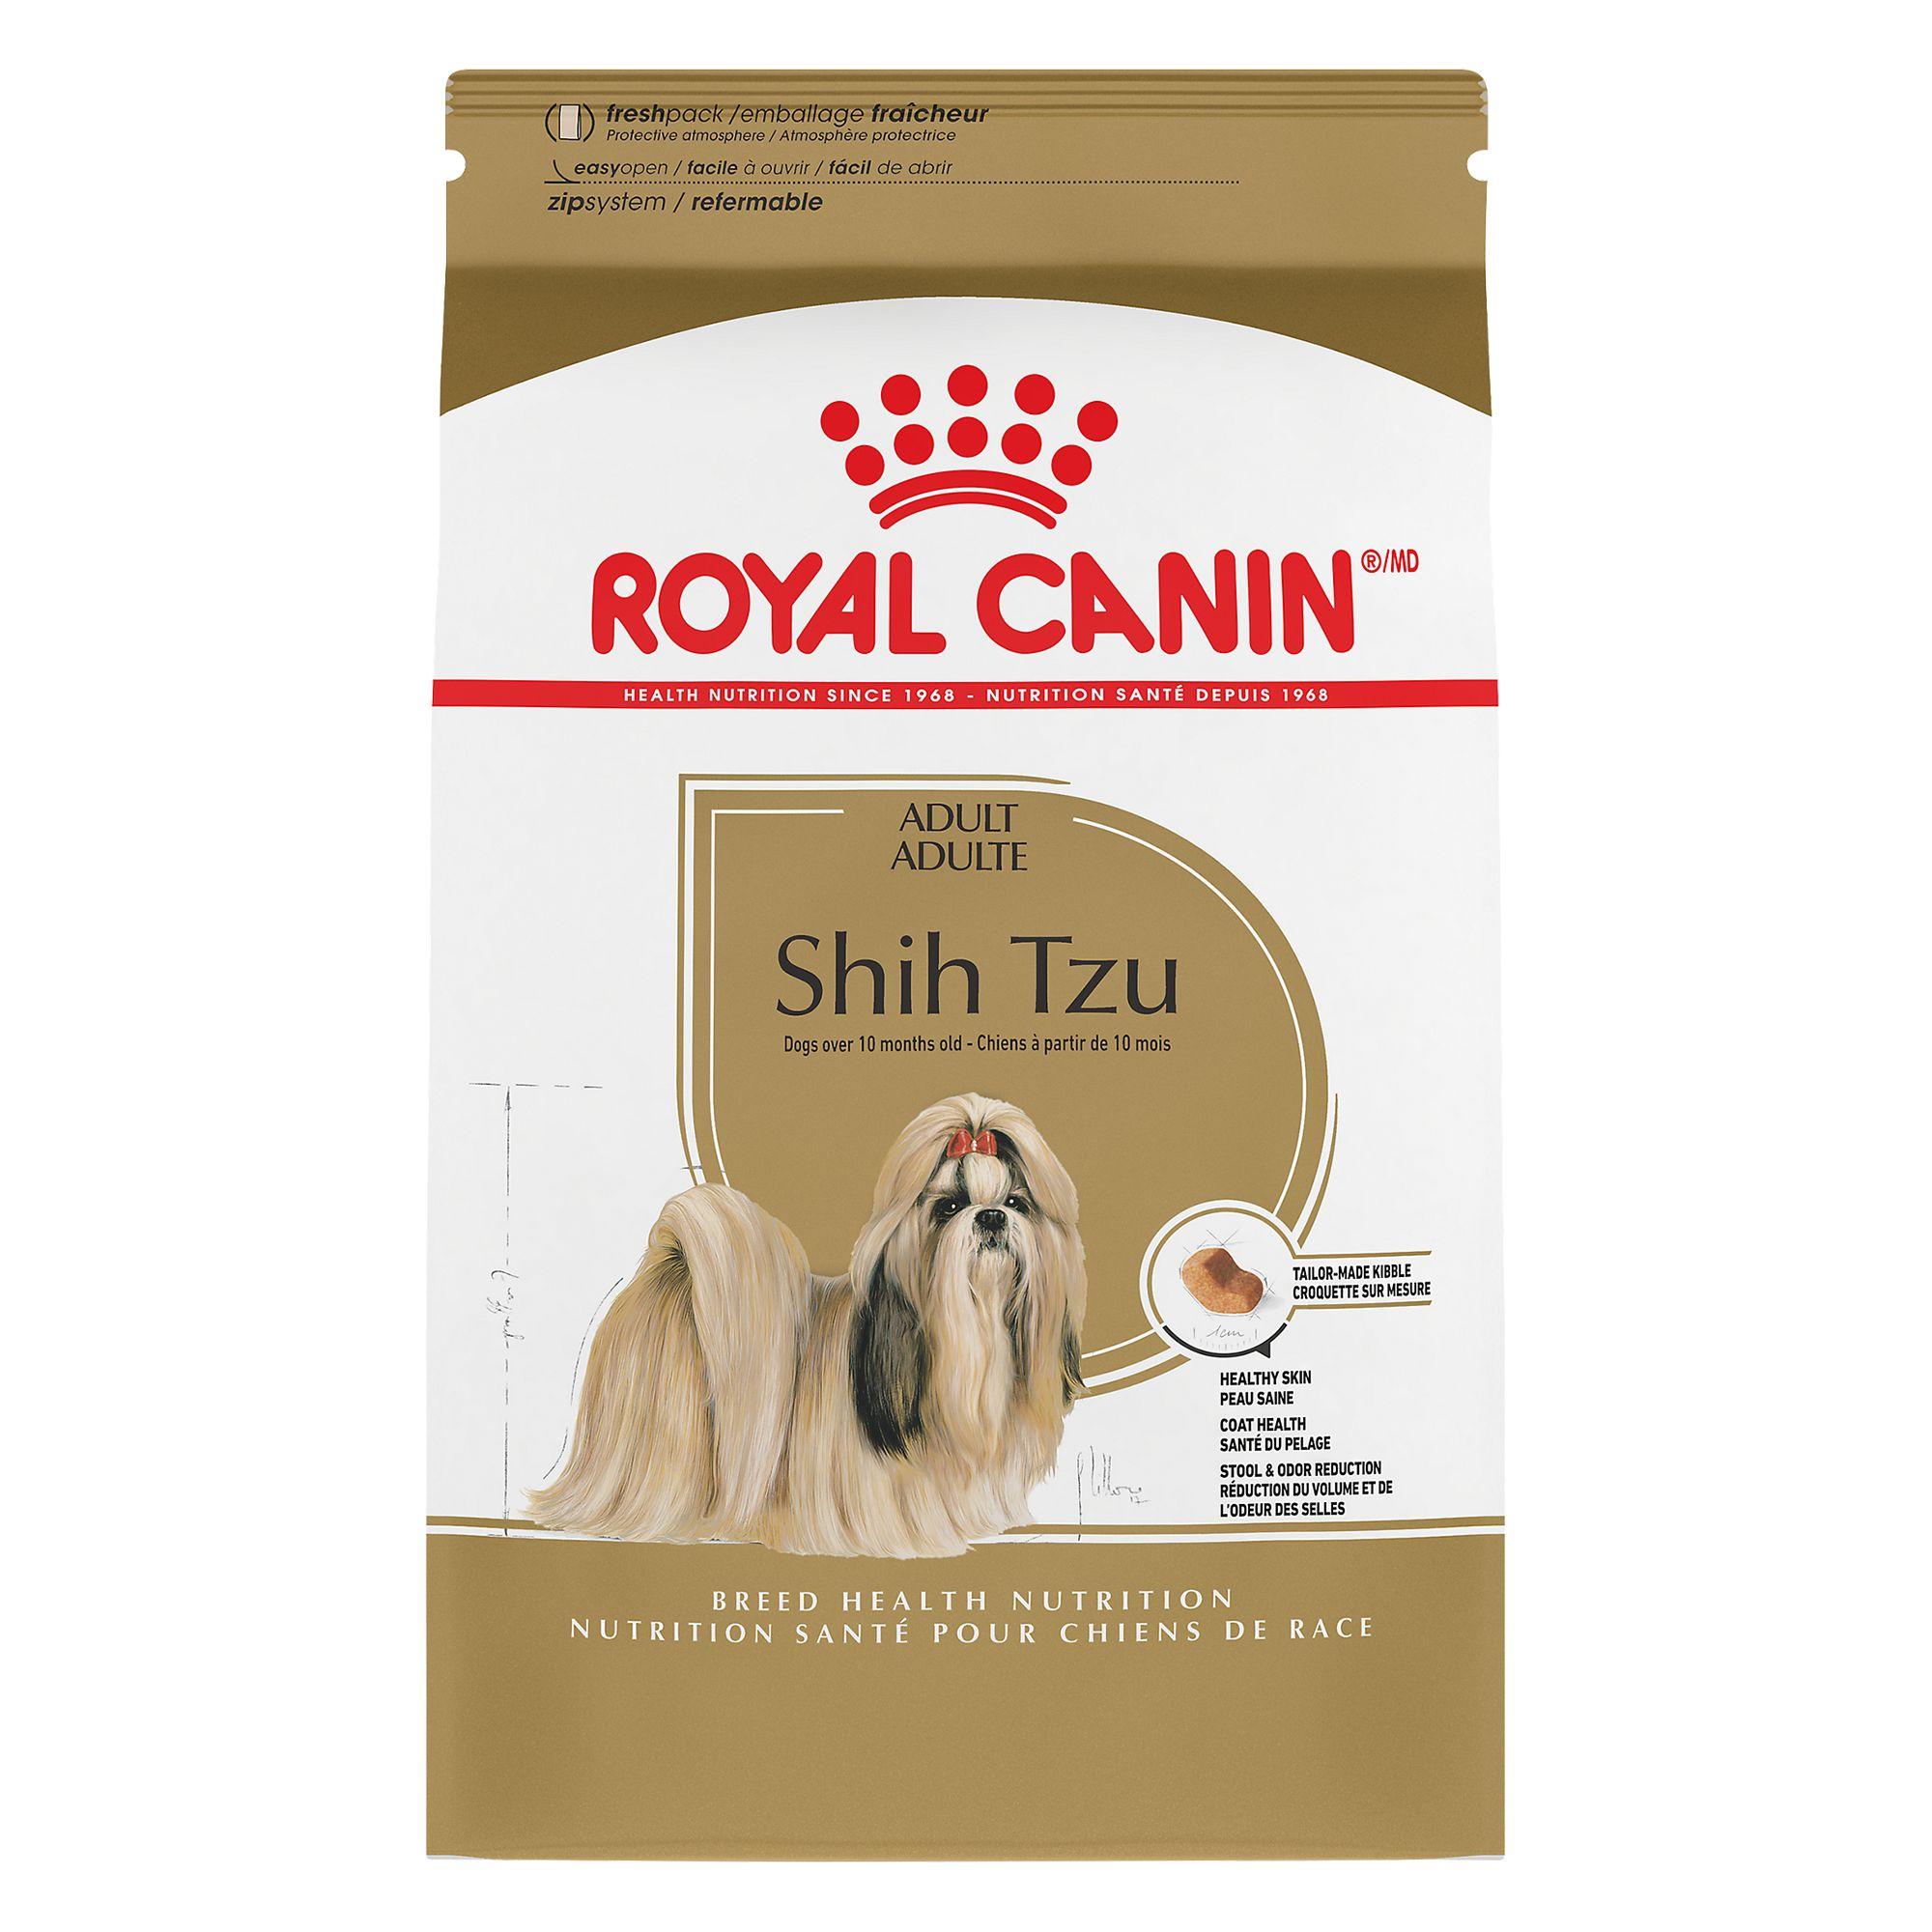 royal canin dog food usa. Black Bedroom Furniture Sets. Home Design Ideas